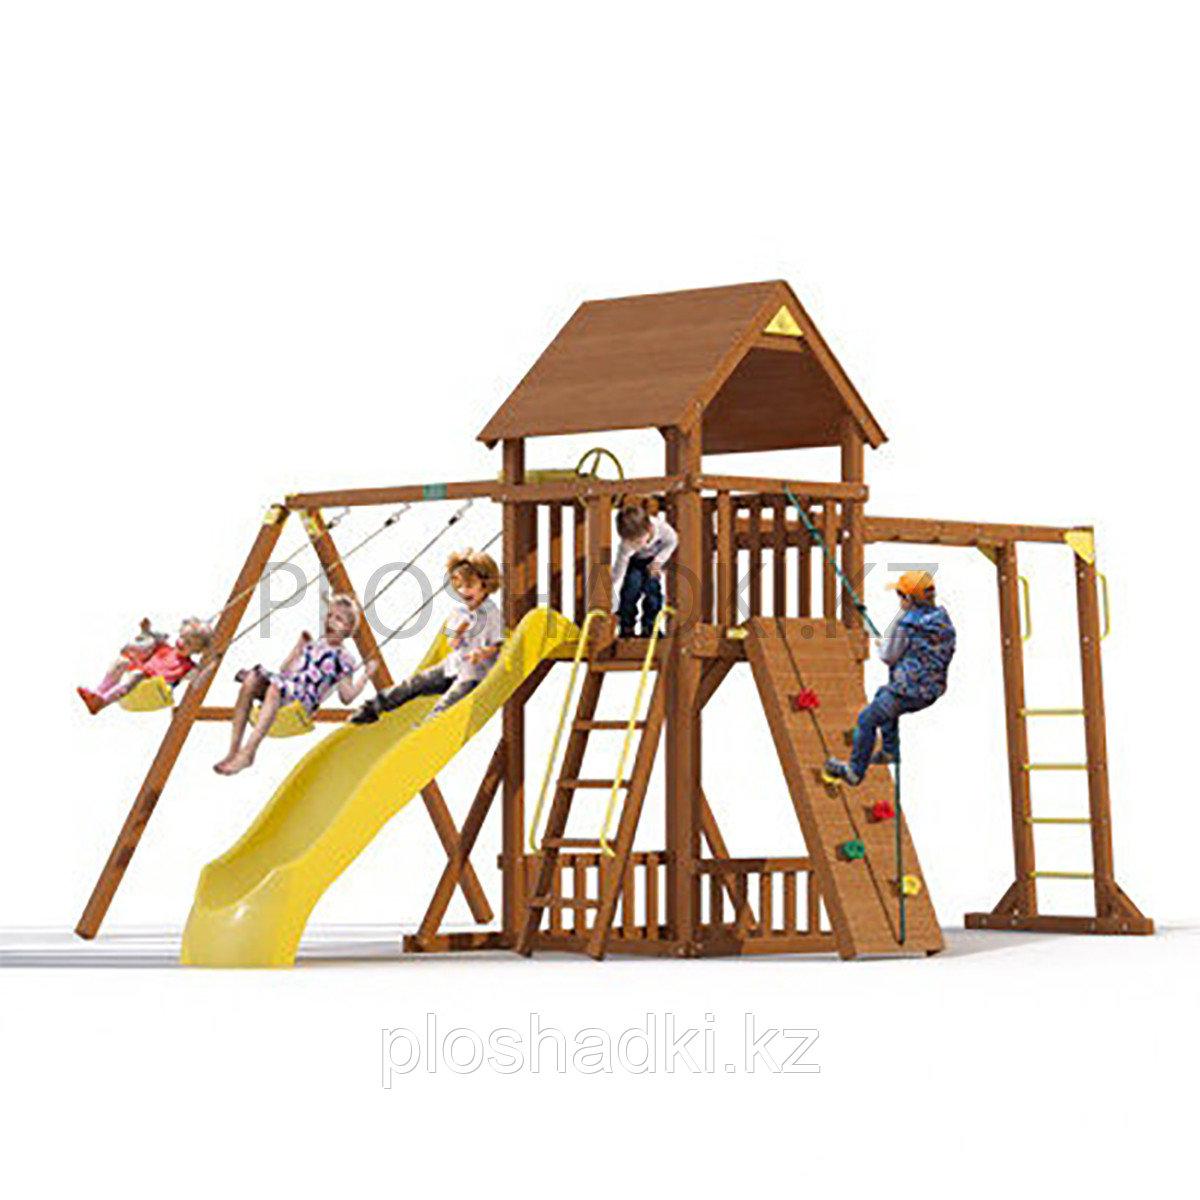 """Детская площадка """"Прага с рукоходом, горкой, качелями, лестницей, крышей деревянной"""